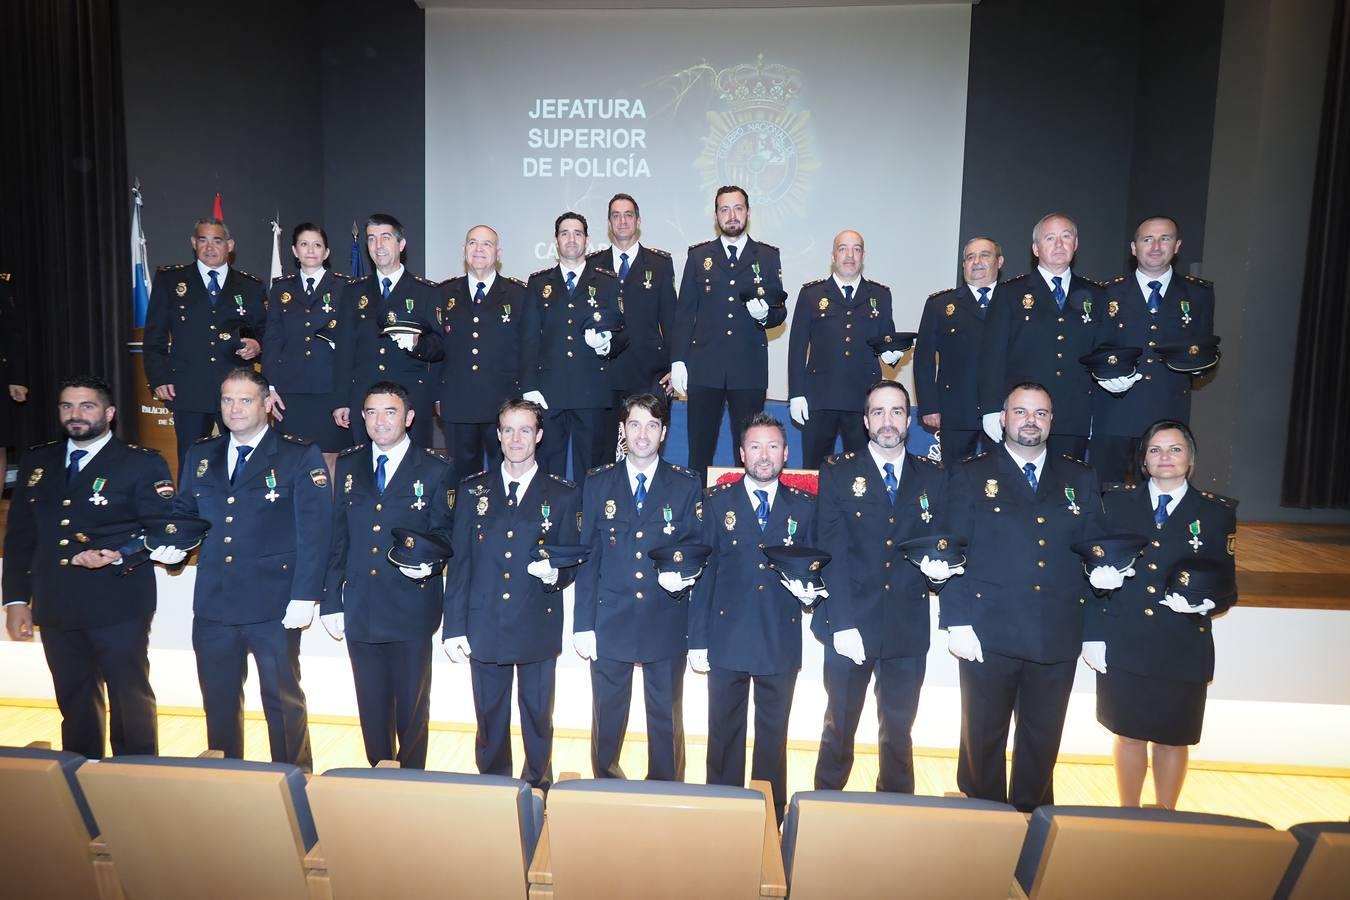 La Policía celebra sus patronos